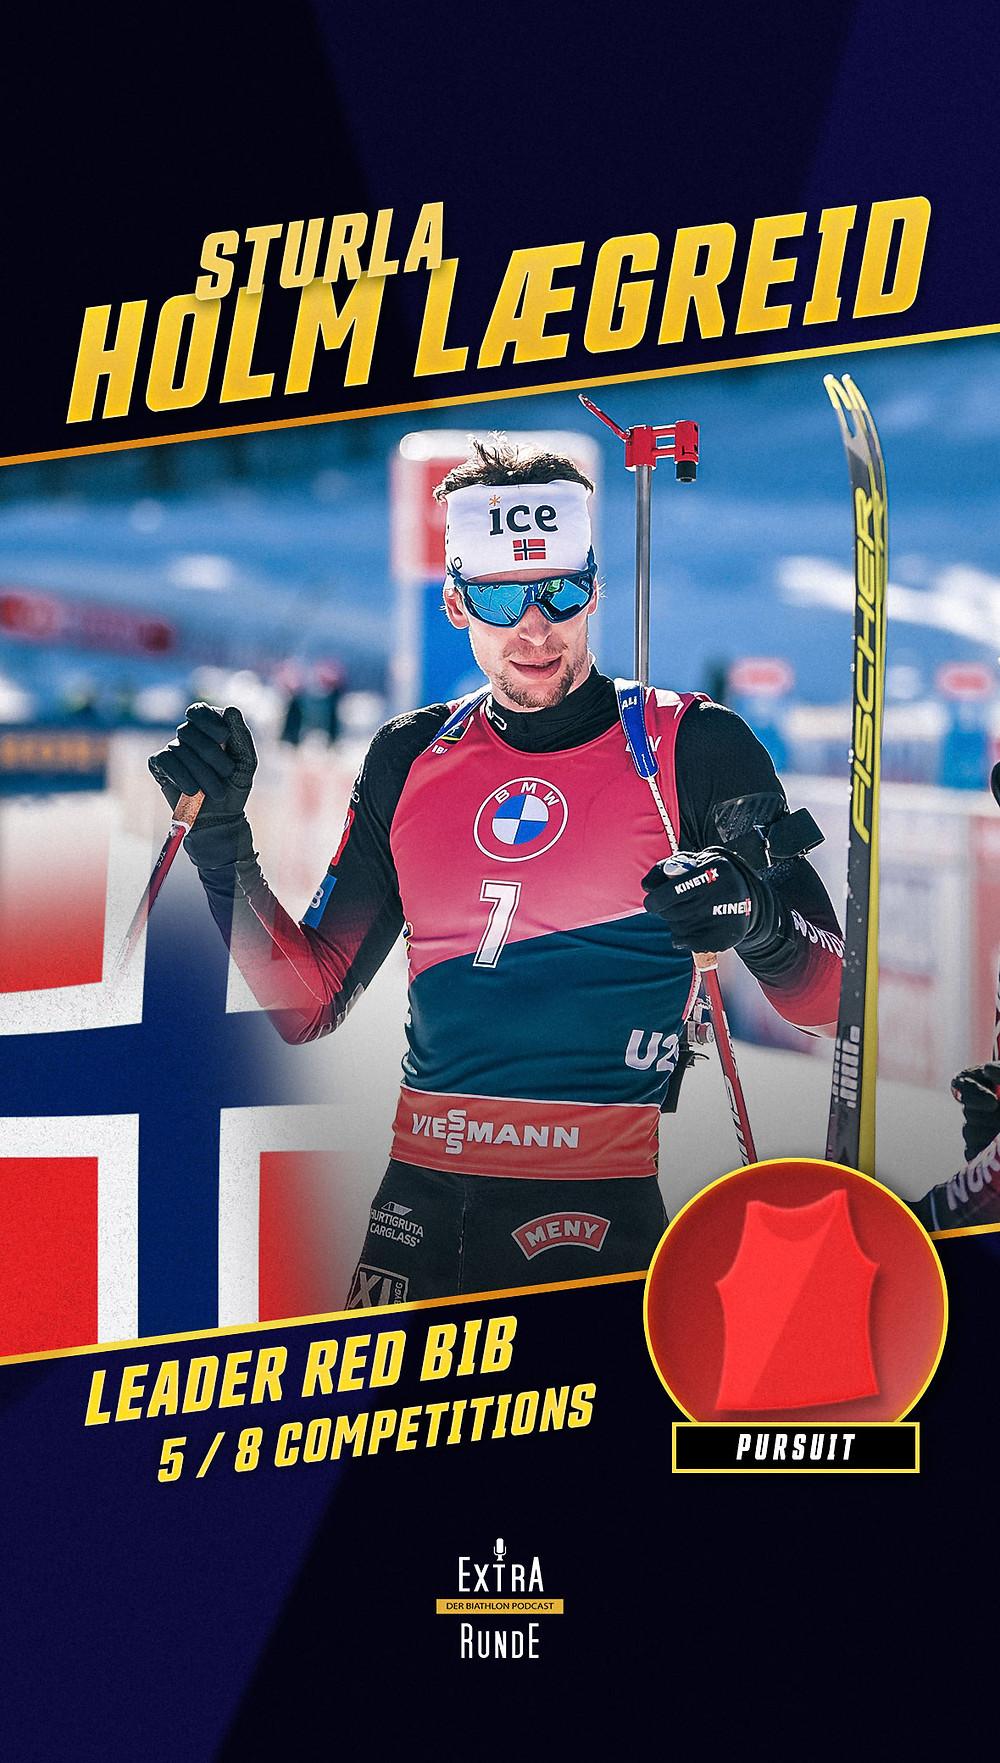 Sturla Holm Lægreid führt die Biathlon Verfolgungswertung in der Saison 2020/21 an,